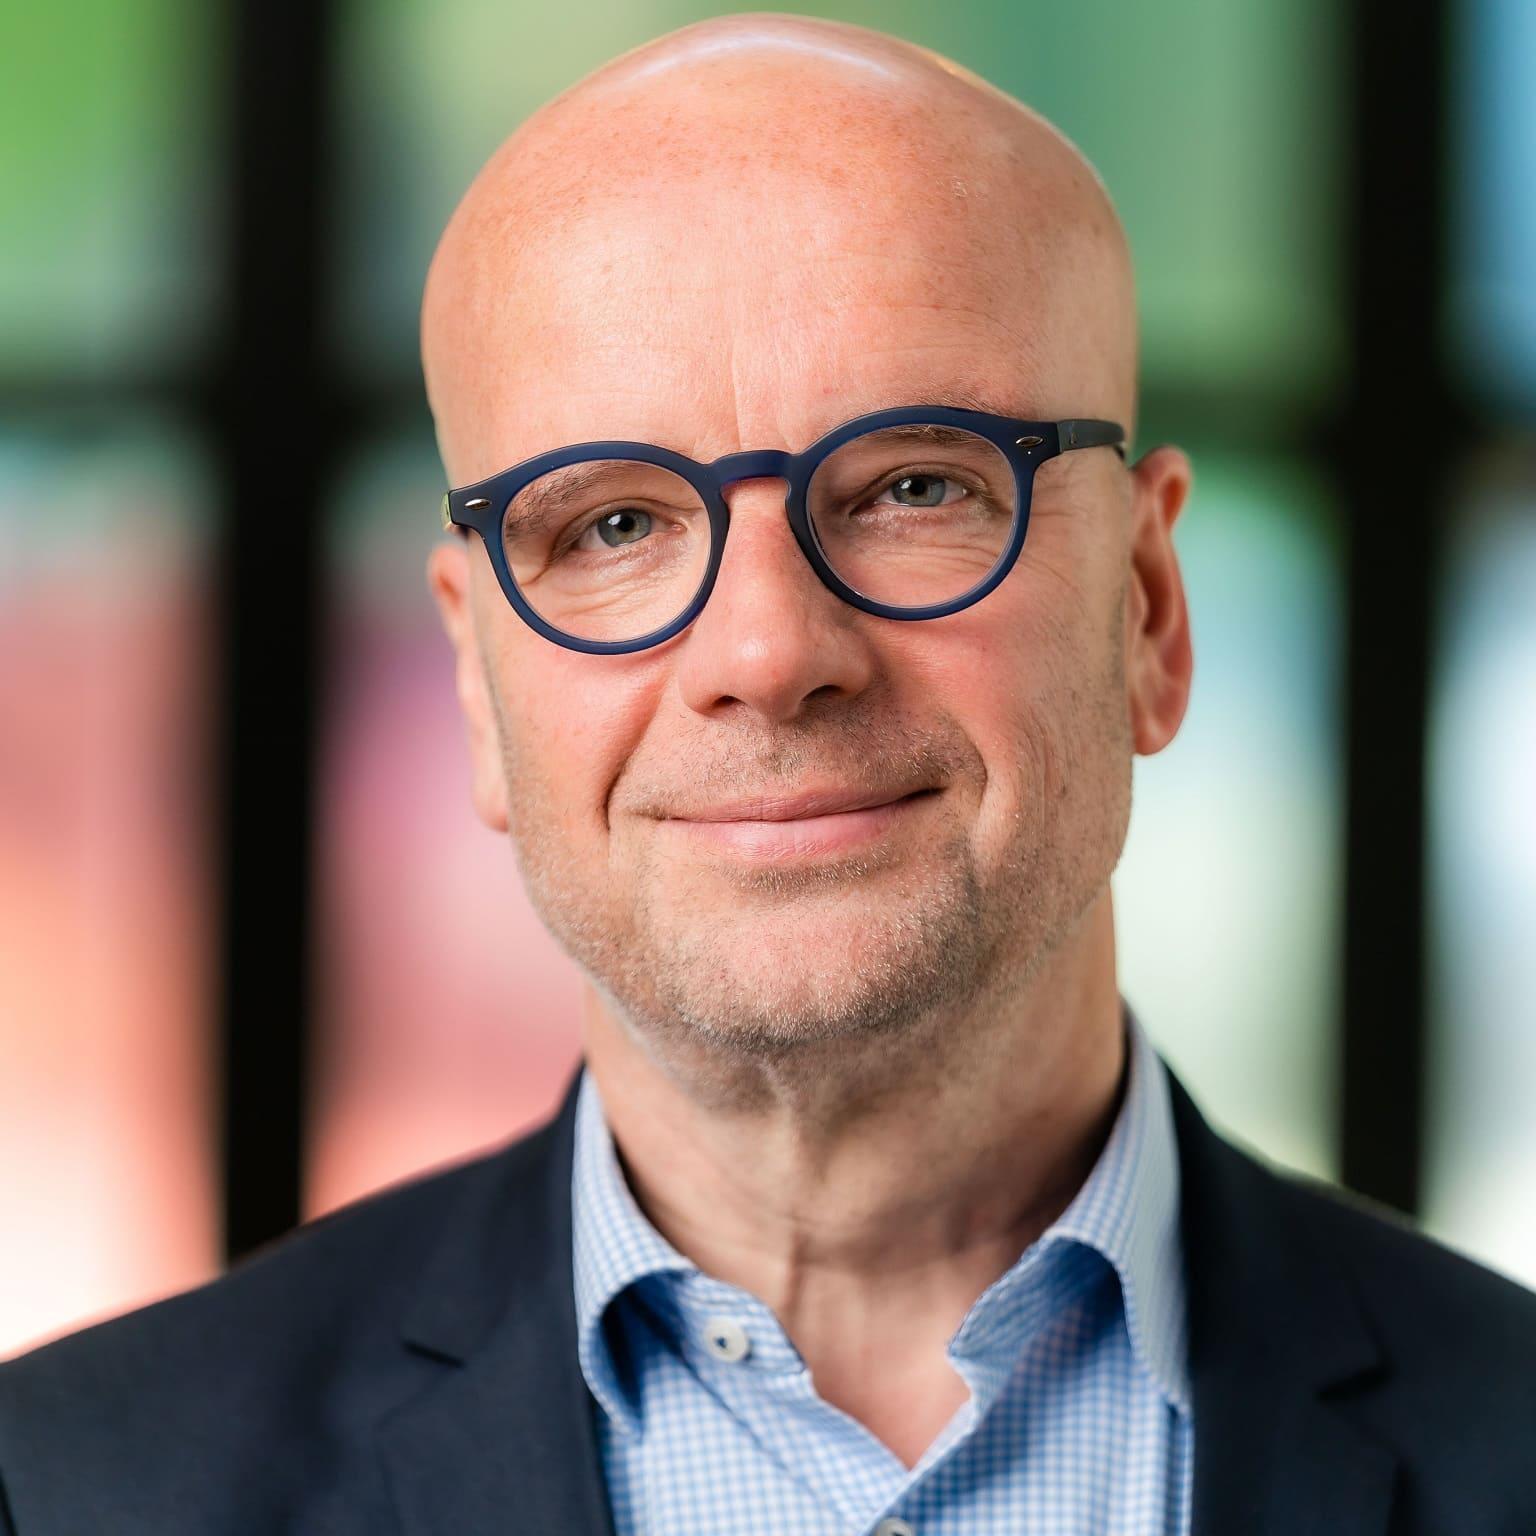 Manfred van der Hart, finance director Wolters Kluwer